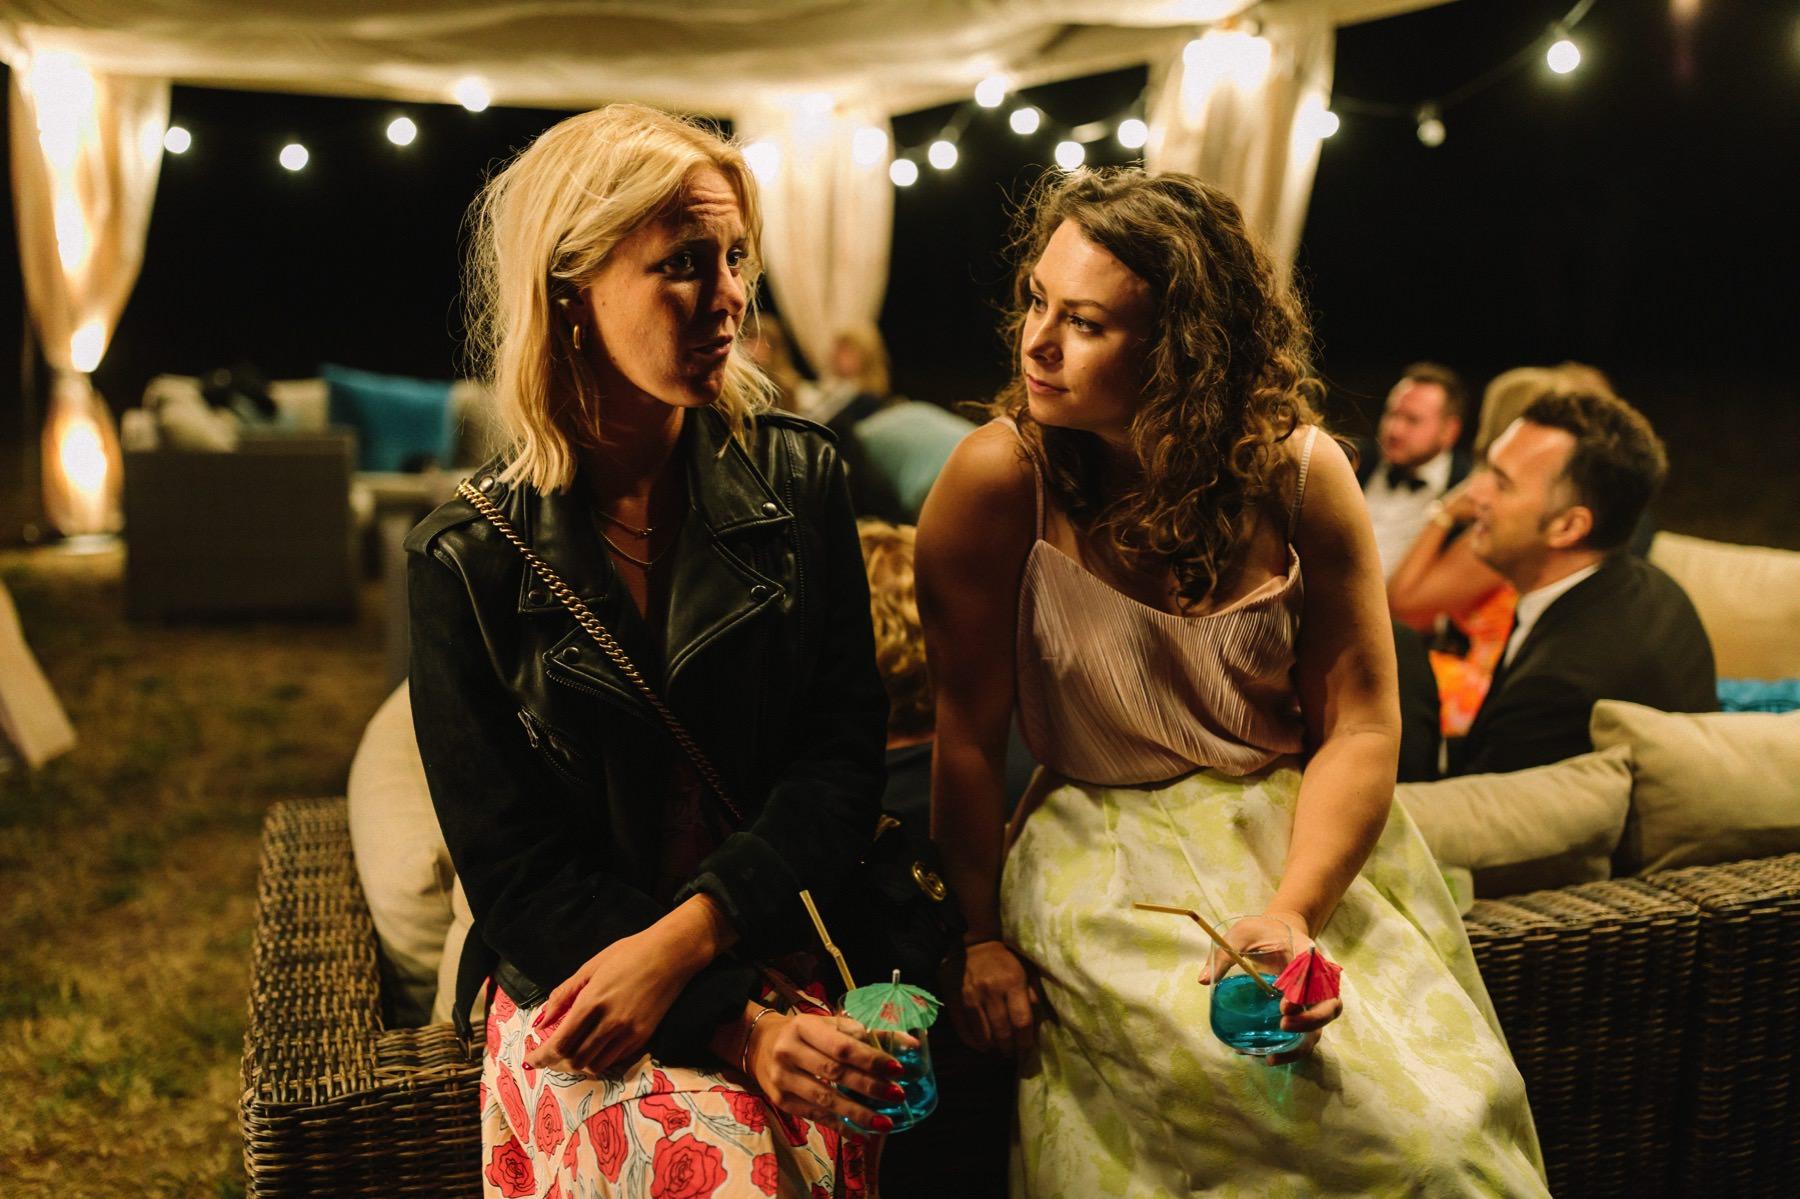 night wedding vibes